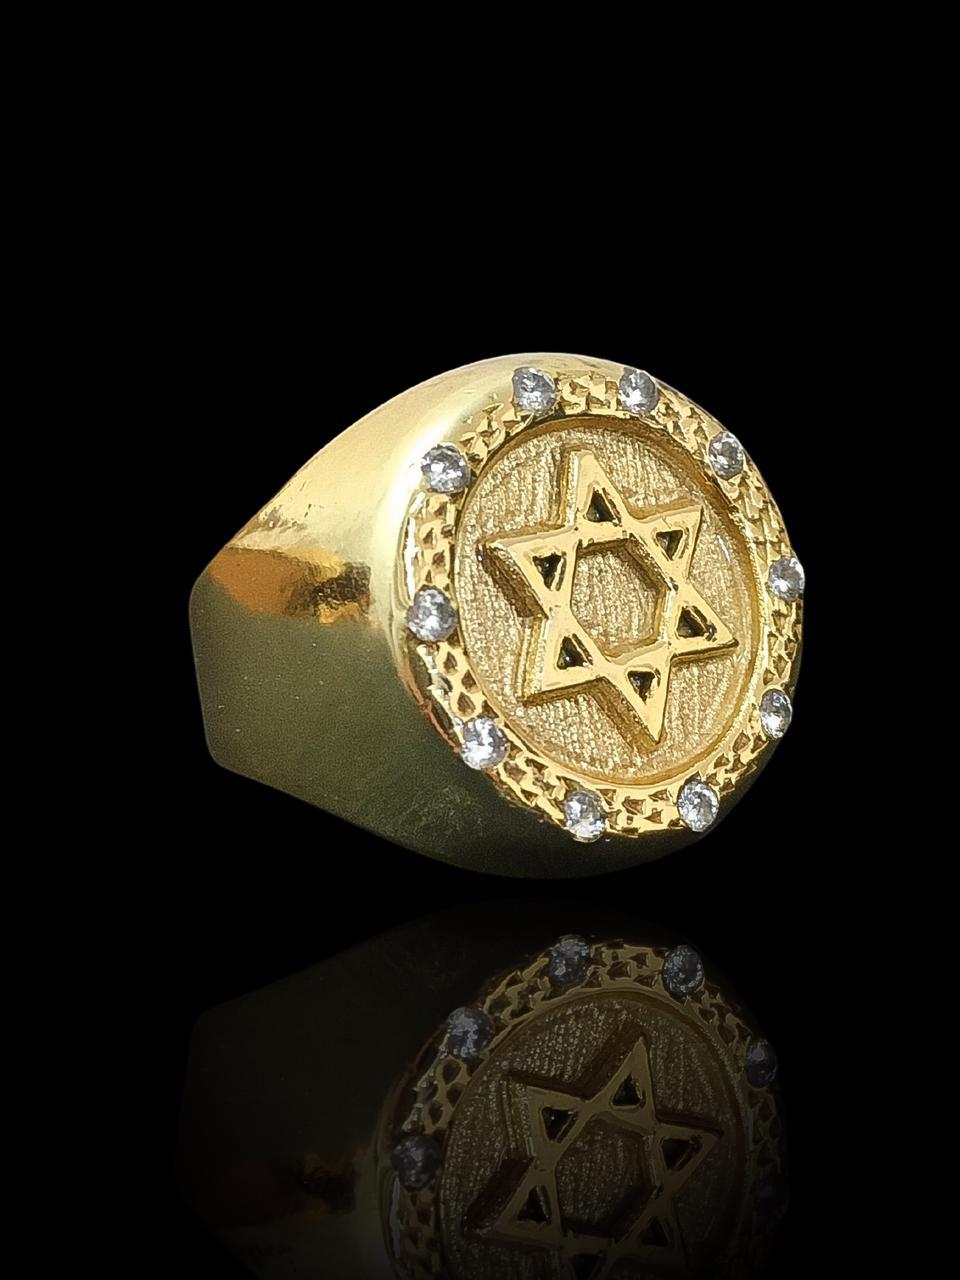 Anel masculino - Redondo com Estrela de Davi - Borda cravejada de Zircônia  - banhado a ouro 18K -  10 g (prazo de 7 dias para a fabricação  )